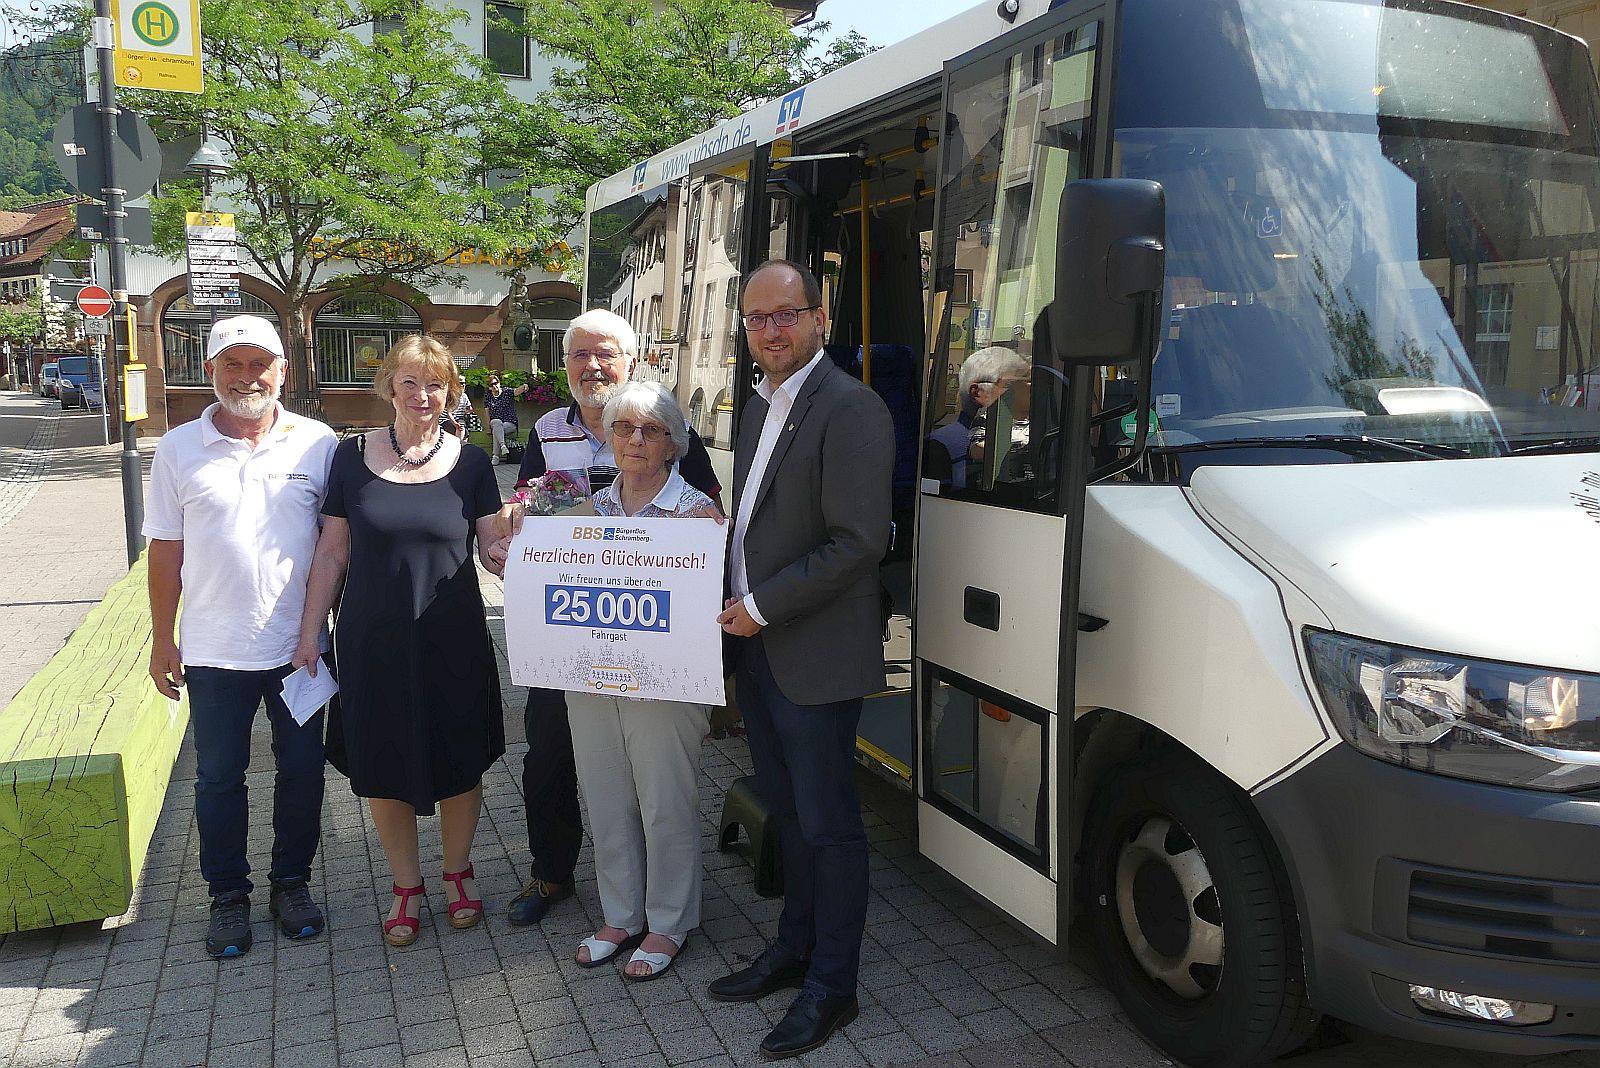 Freuen sich gemeinsam über 25.000 Bürgerbusfahrgäste (von links):  Bürgerbusfahrer Willi Herzog, Juliane Kugler, Matthias Kohlhase, Henriette Eschle und OB Thomas Herzog. Foto: him